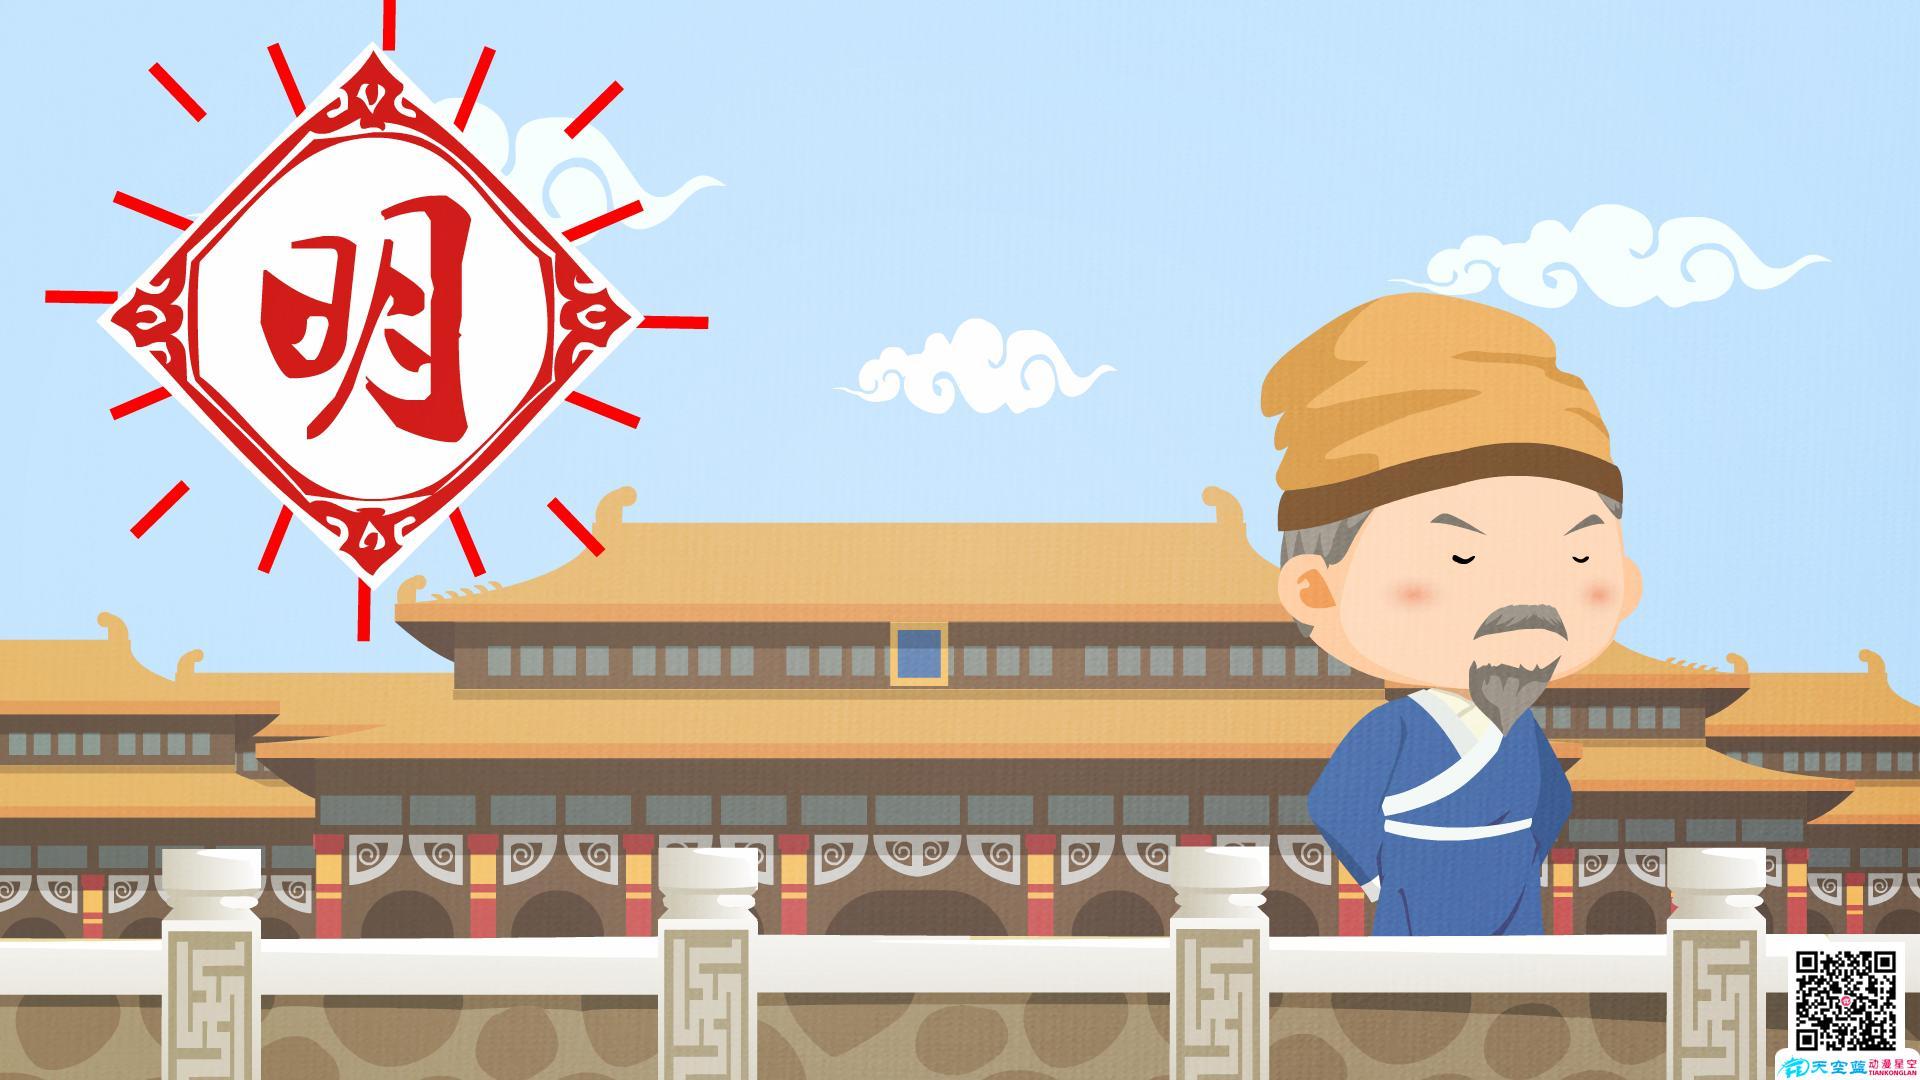 武汉动画广告宣传制作带来的优势有哪些?